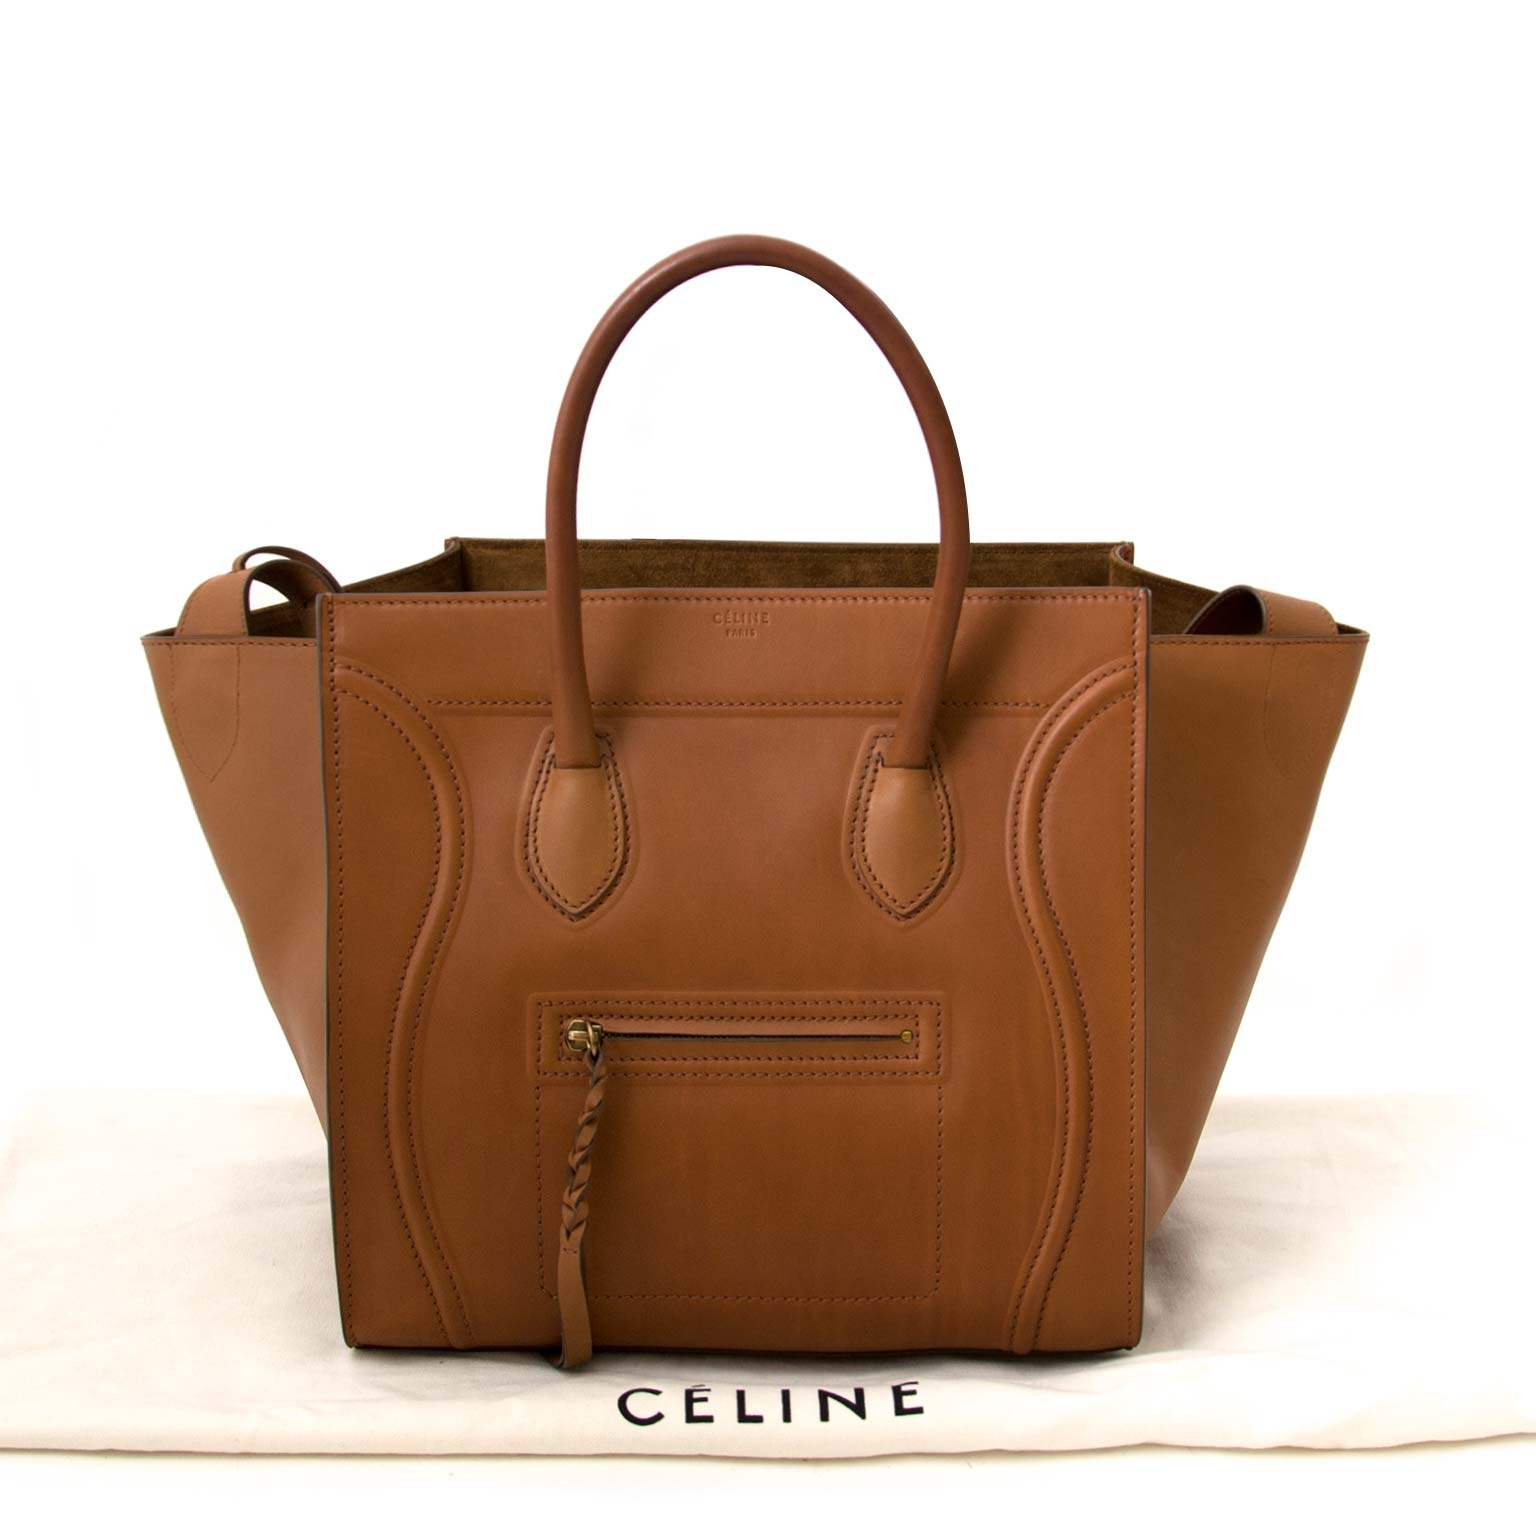 6b67865841a3 ... acheter en ligen seconde main Celine Medium Mat Calfskin Cognac Phantom  Bag